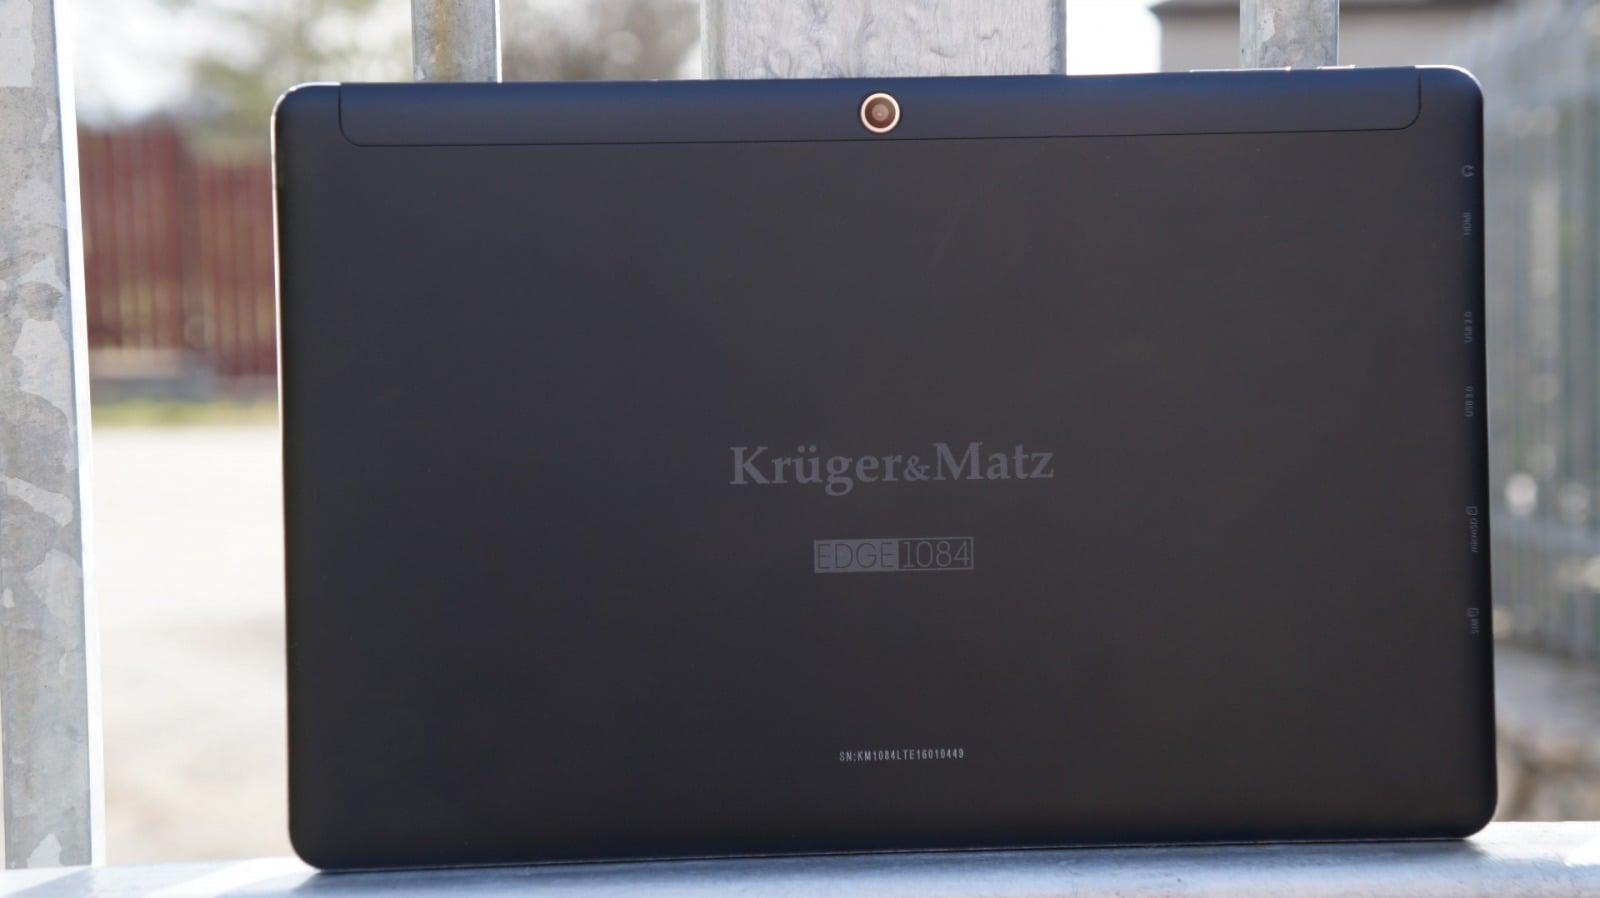 Recenzja Kruger&Matz Edge 1084 20